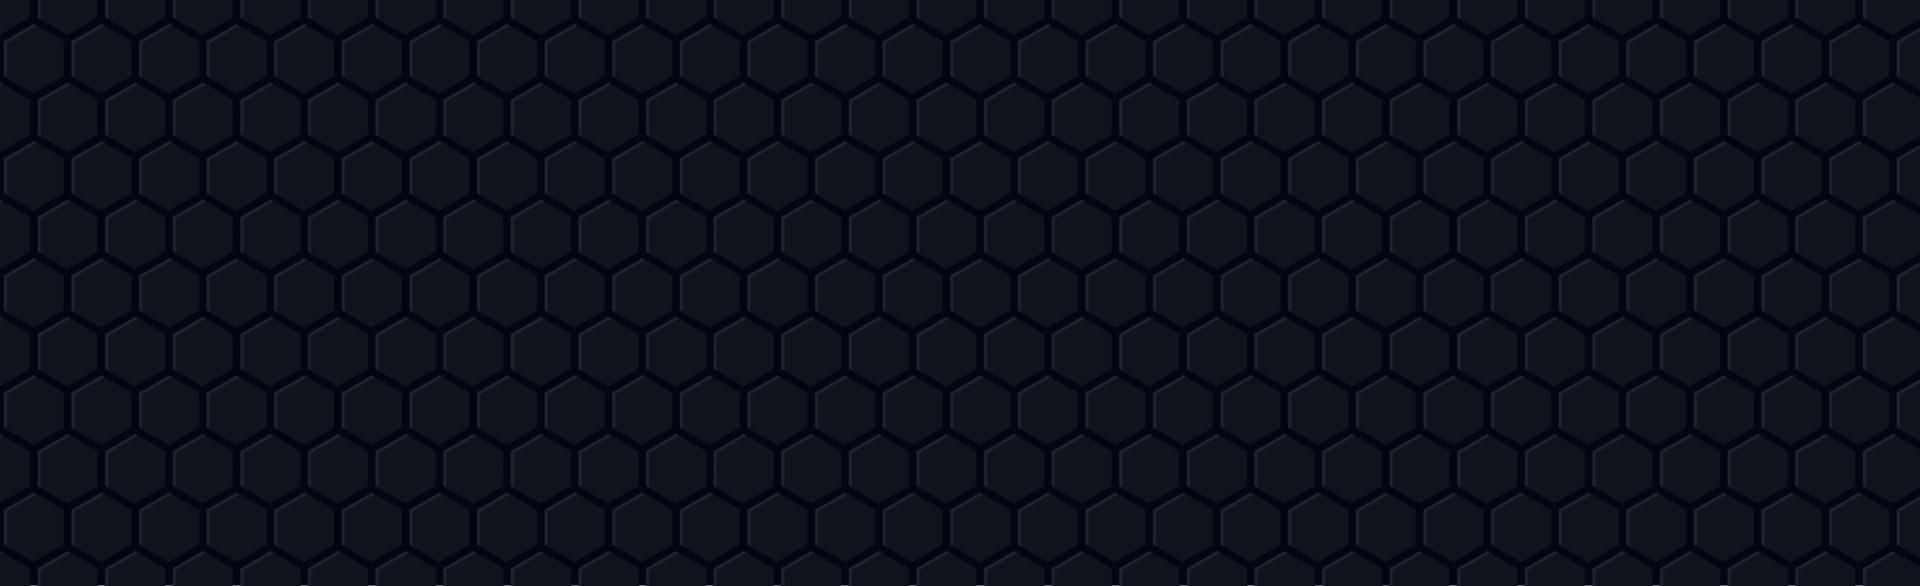 hexágonos oscuros sobre un fondo negro - vector